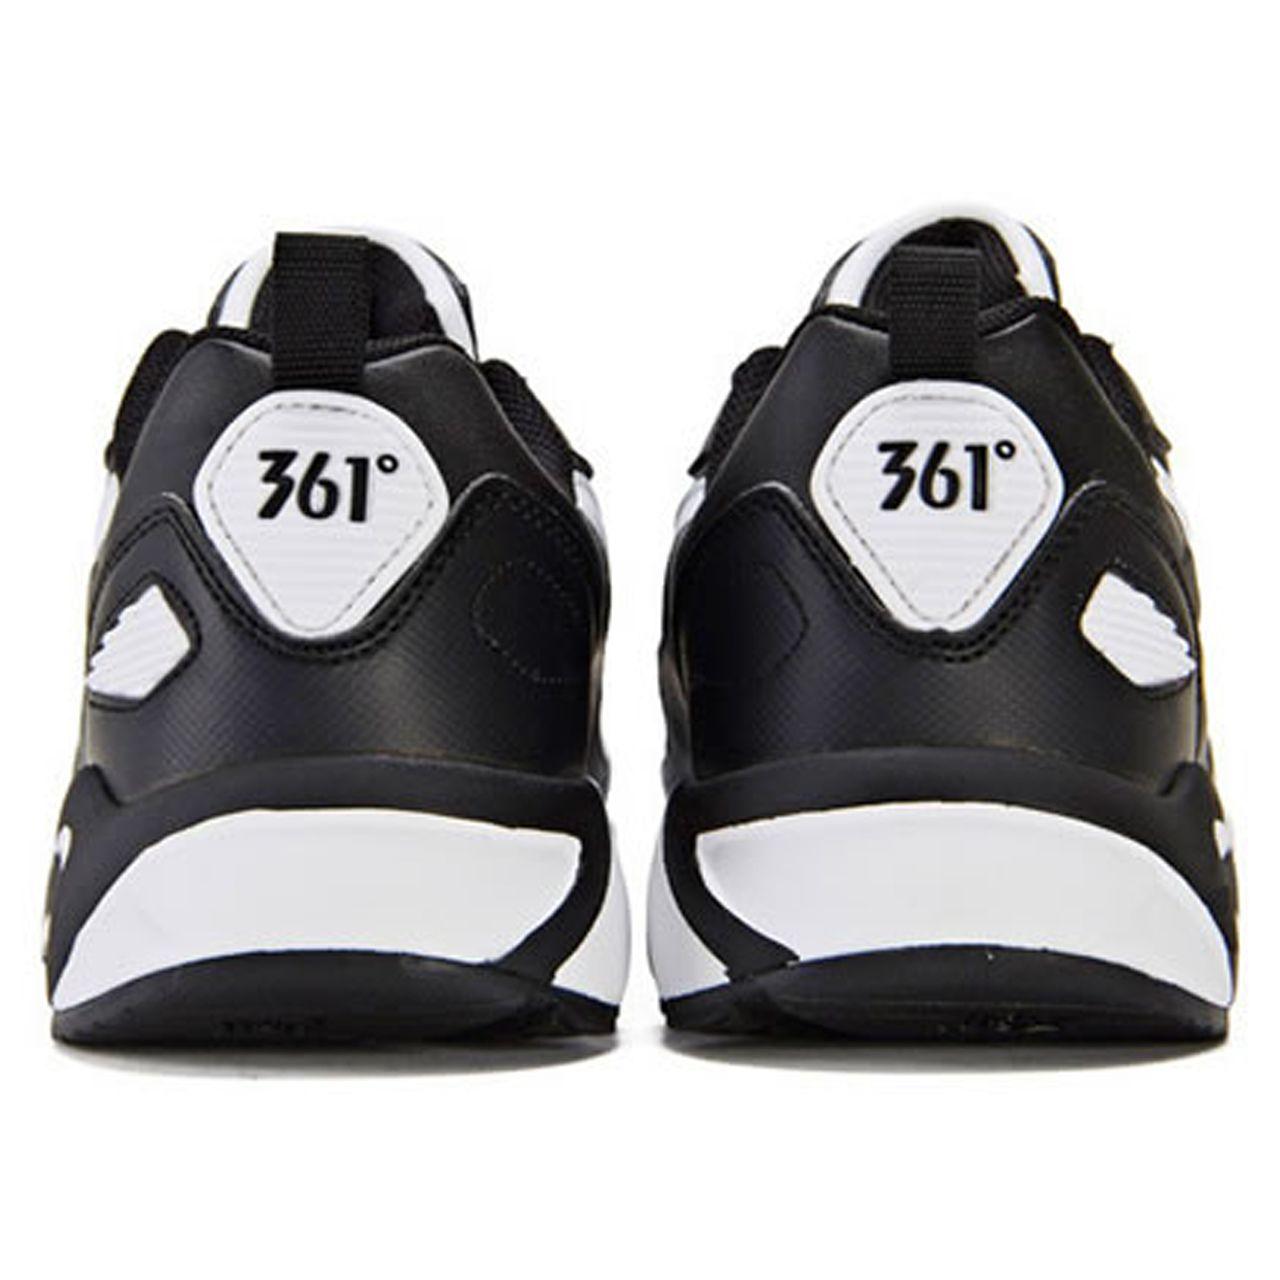 کفش مخصوص دویدن زنانه 361 درجه کد 581842257 -  - 2